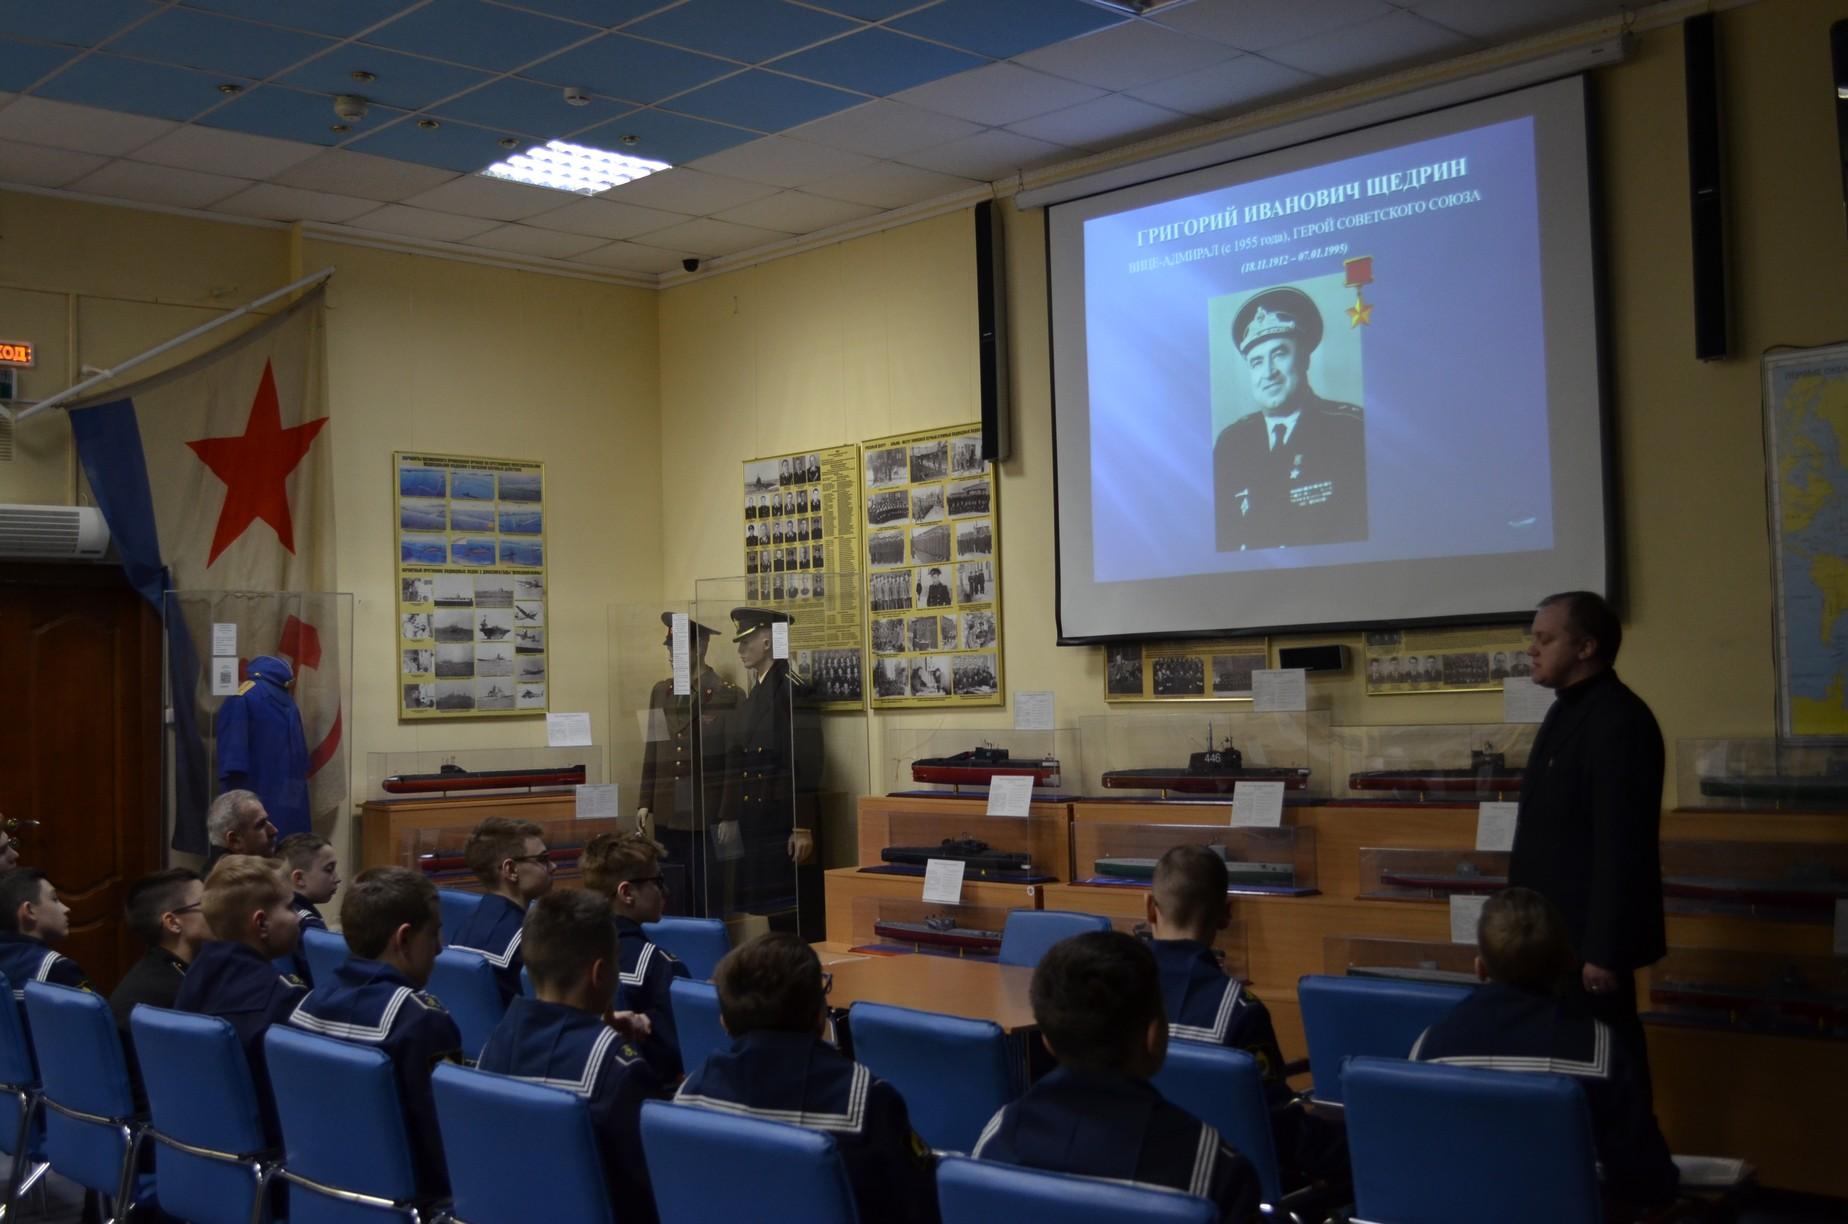 Урок мужества, посвященный 75-летию Победы Советского народа в Великой Отечественной войне 1941–1945 годов